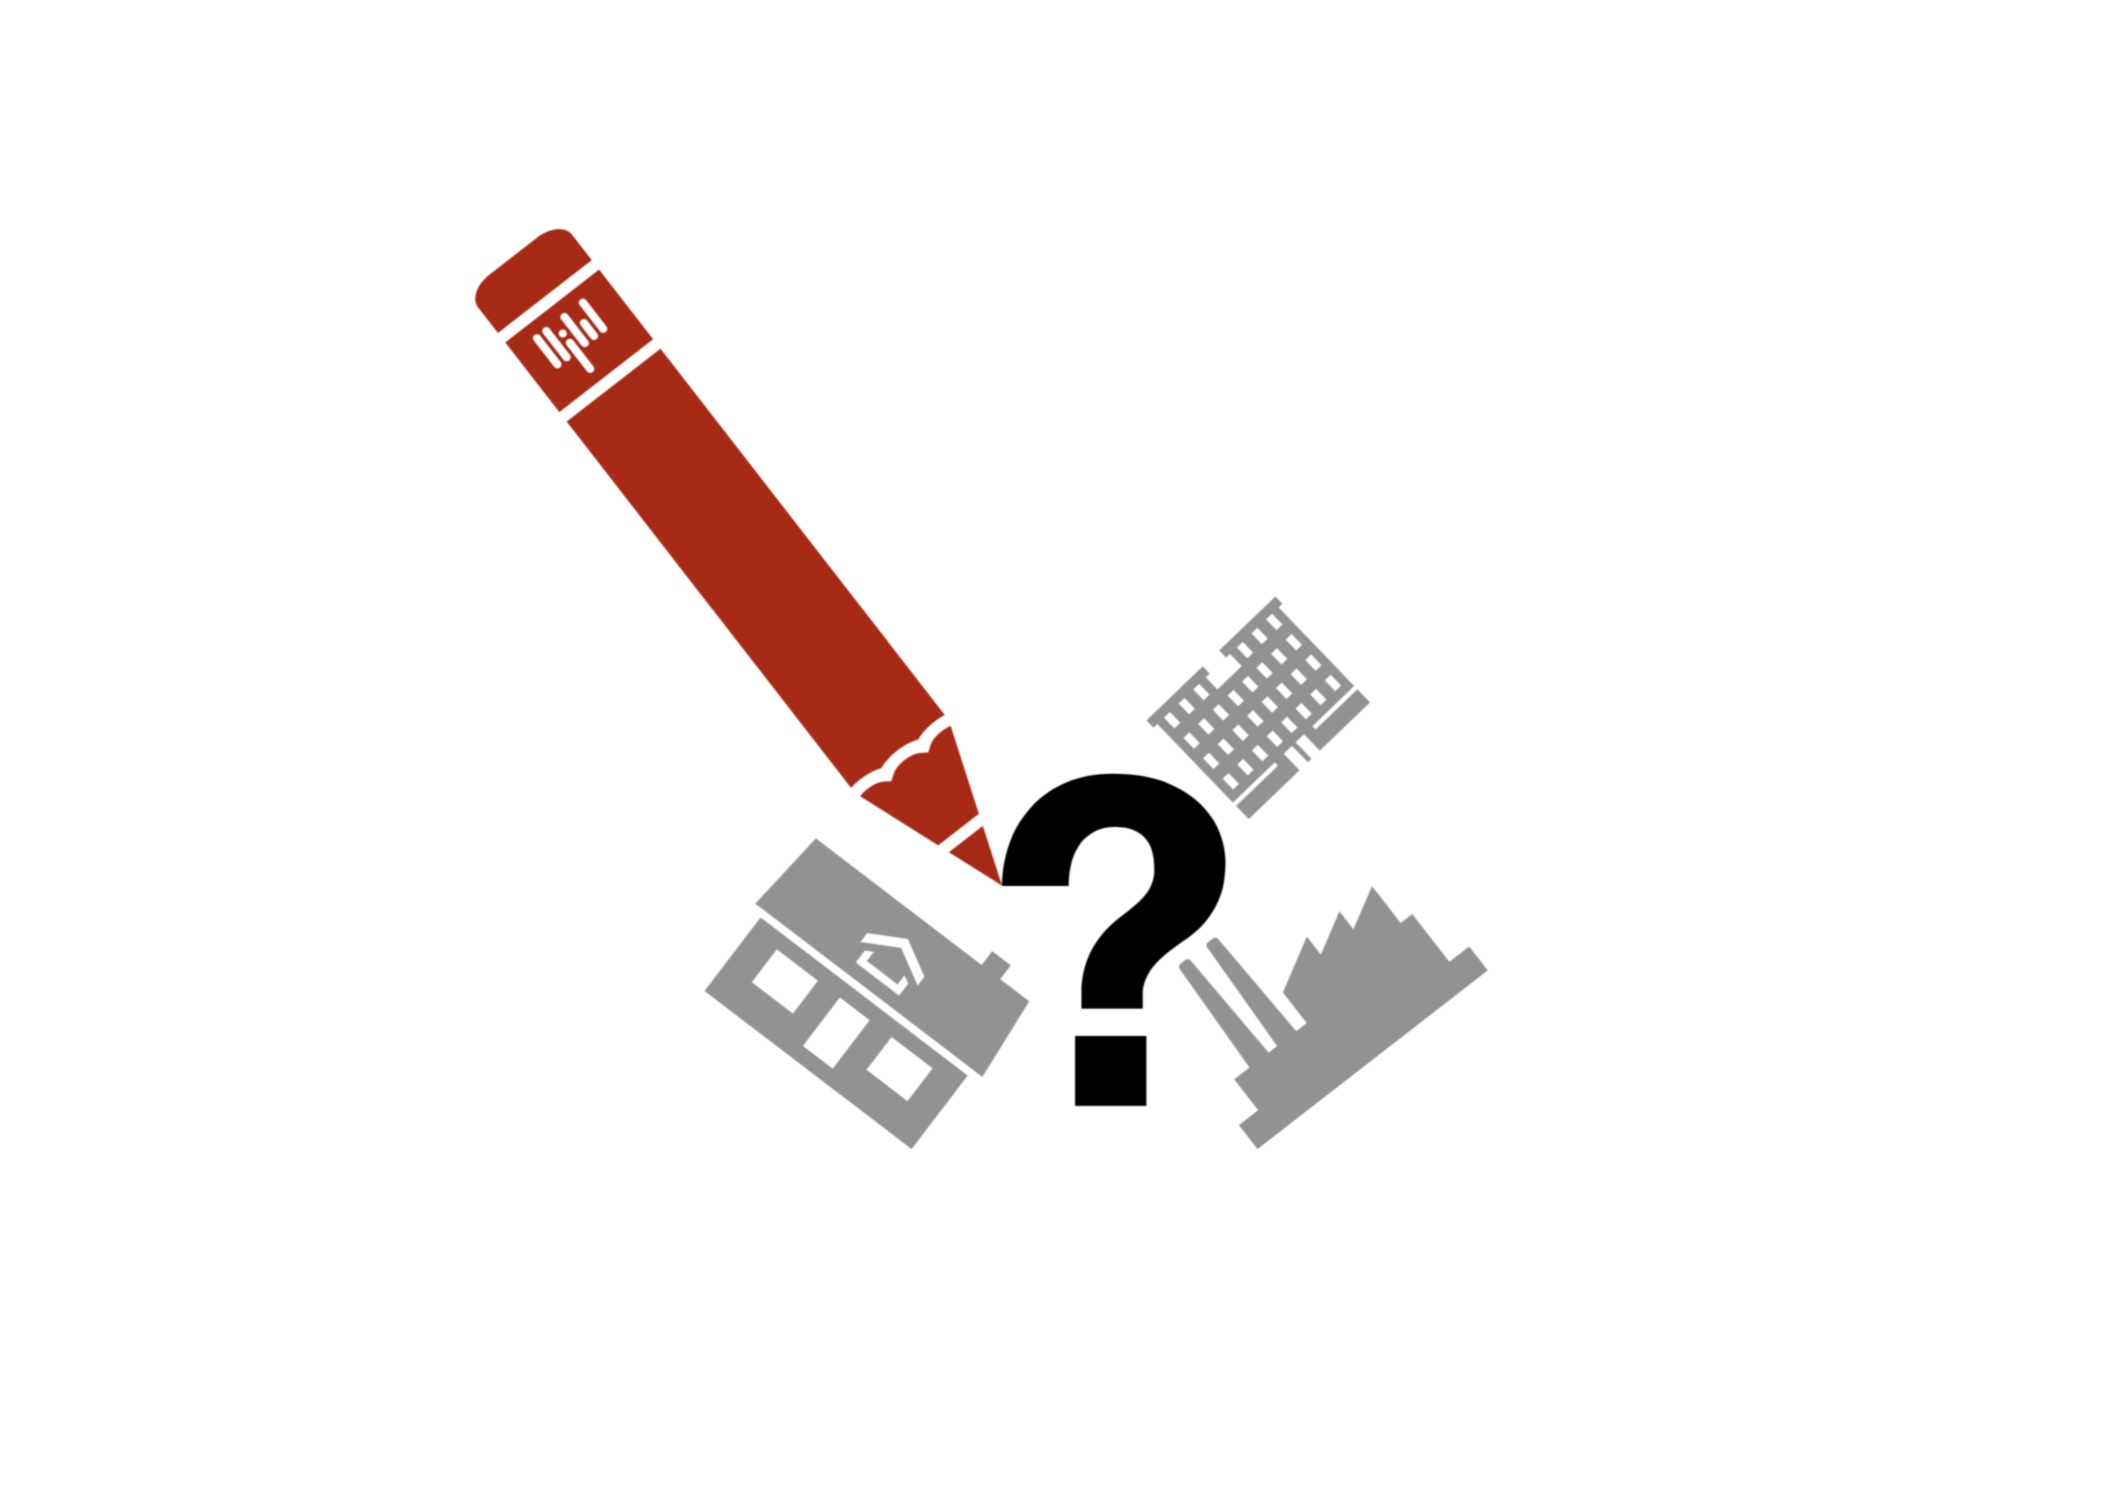 1. Grundlagenermittlung - Ermitteln der Voraussetzungenen zur Lösung der Bauaufgabe durch die Planung.